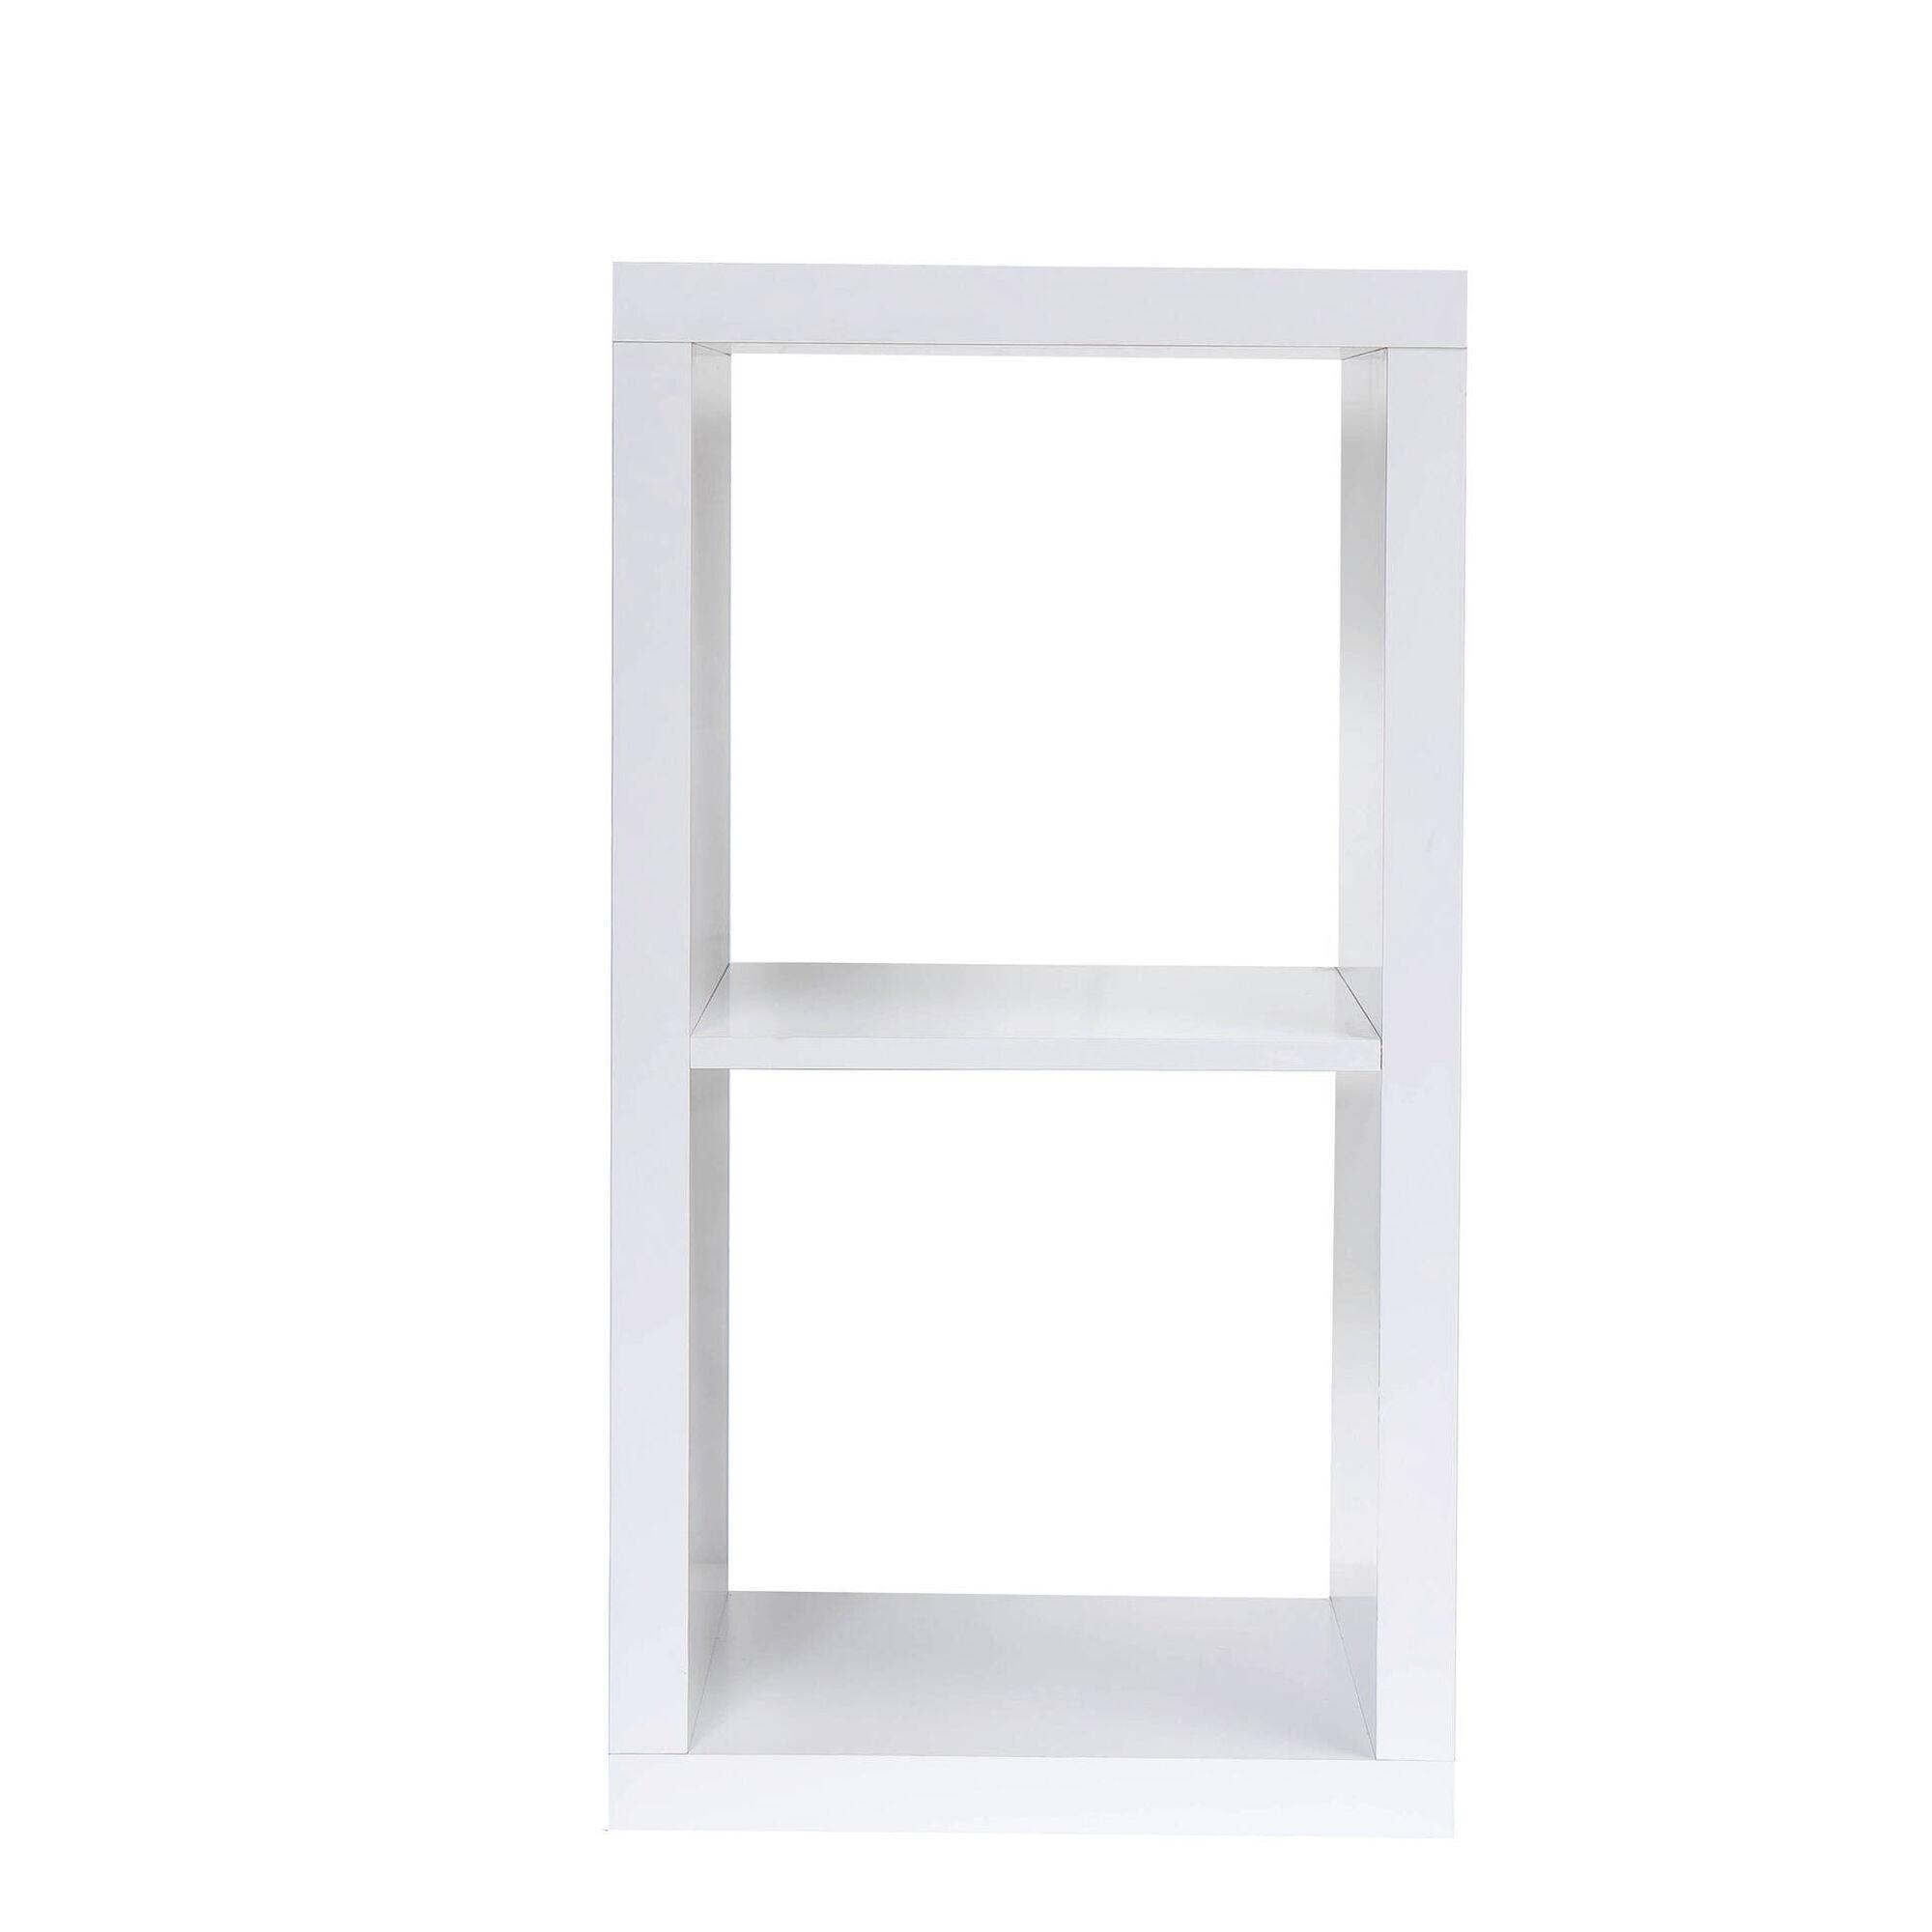 Estante 1x2 Cubos 41x39x76cm